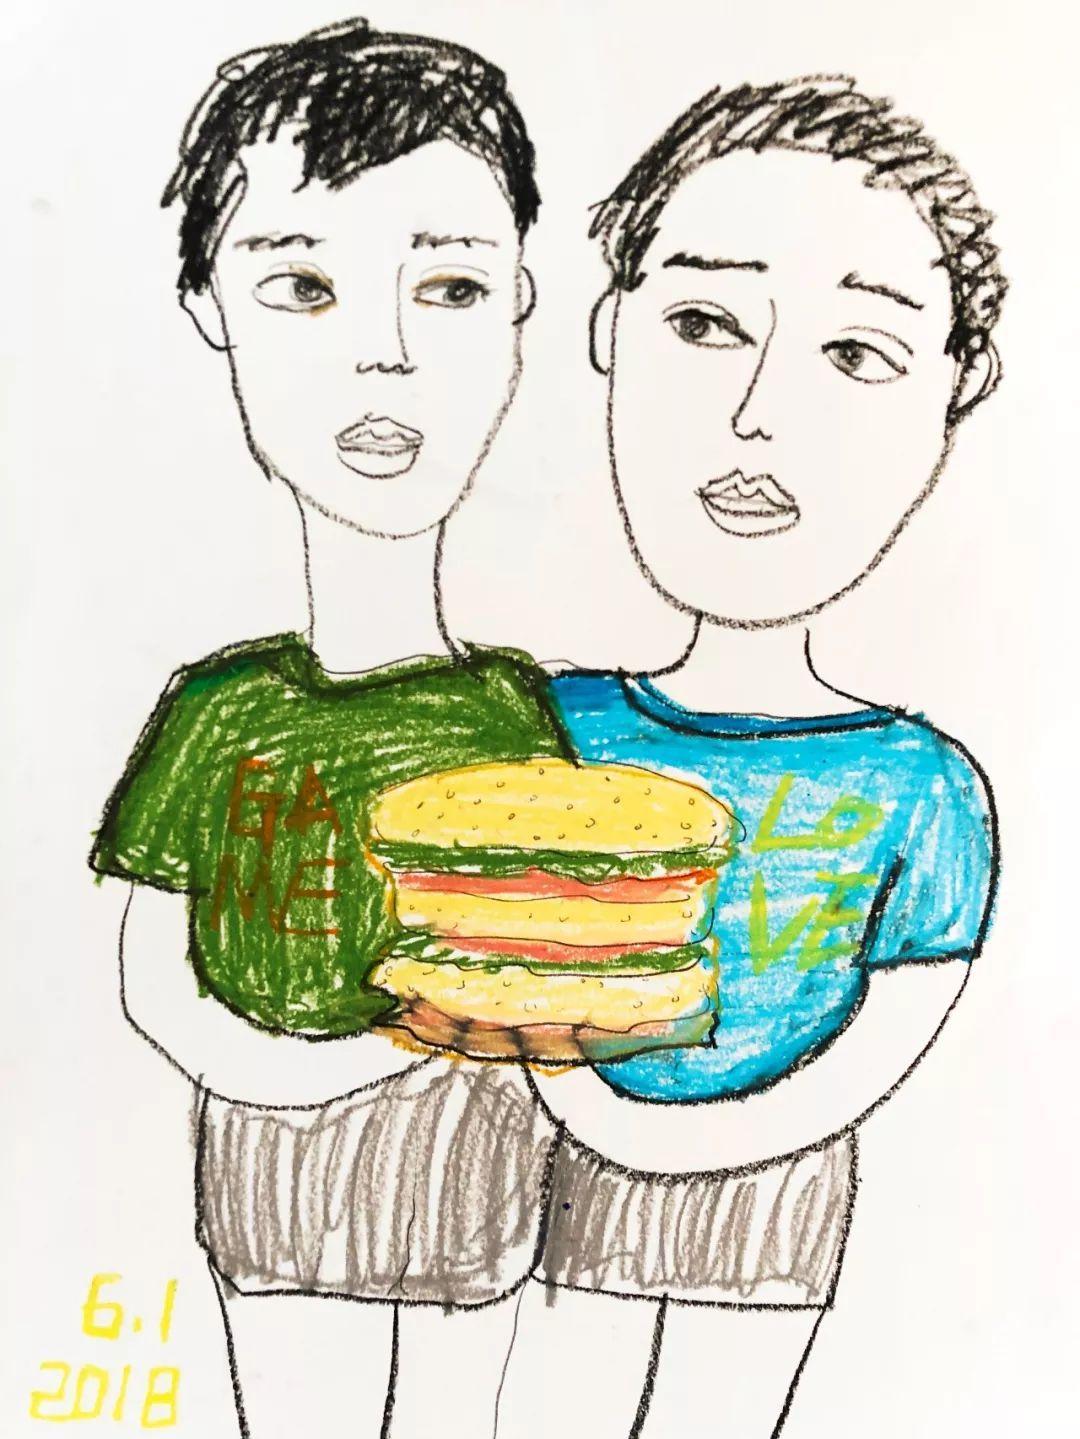 救救大人,孩子七岁就看理财书了|画出你未来的样子